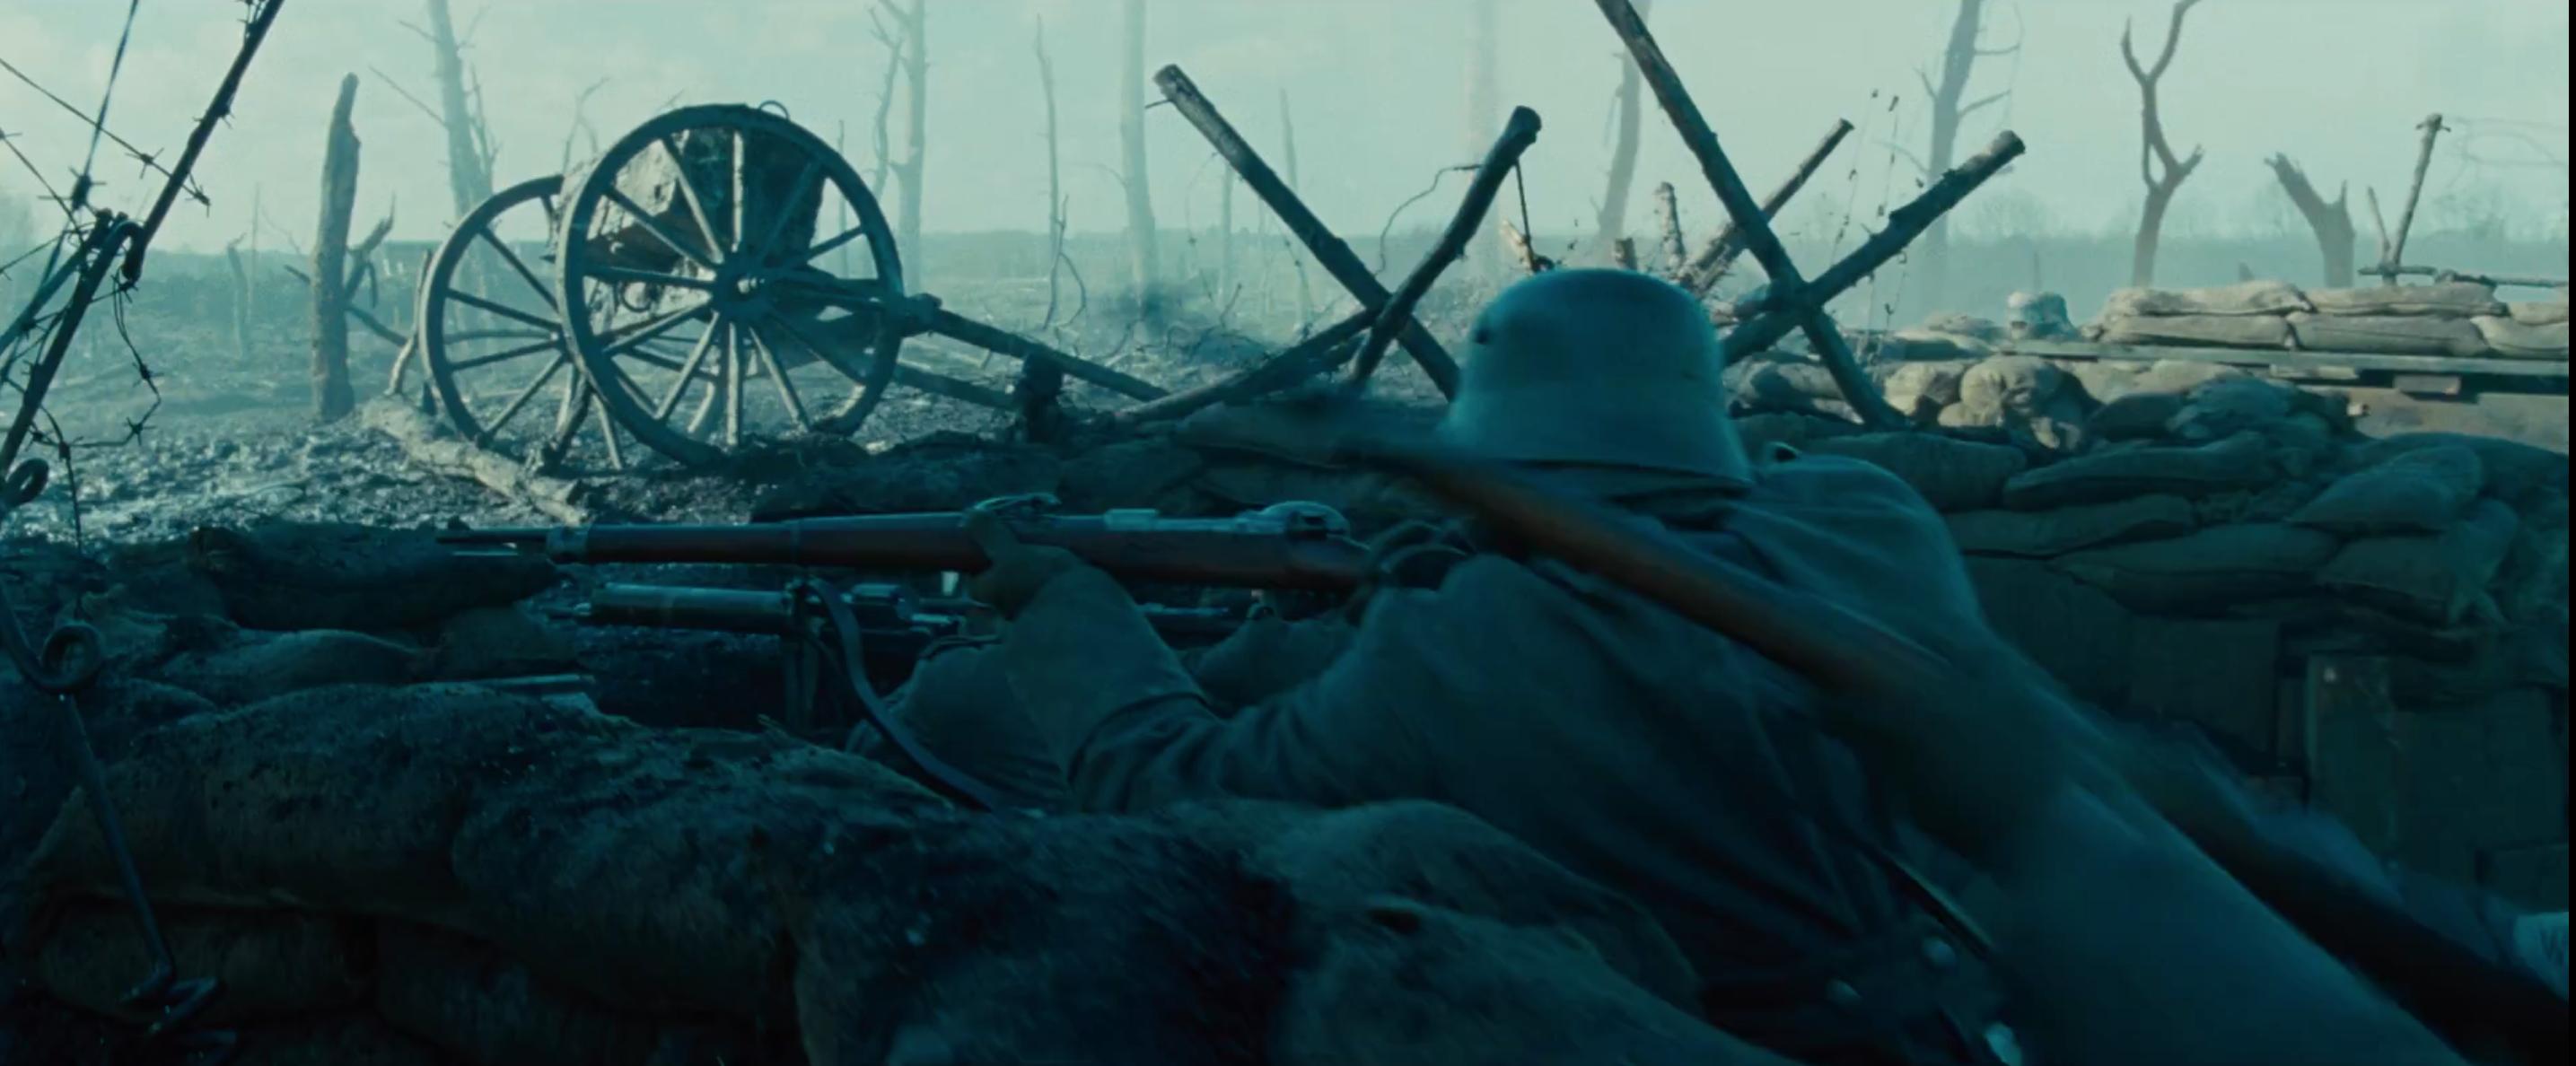 Wonder Woman: una scena di guerra dal primo trailer del film